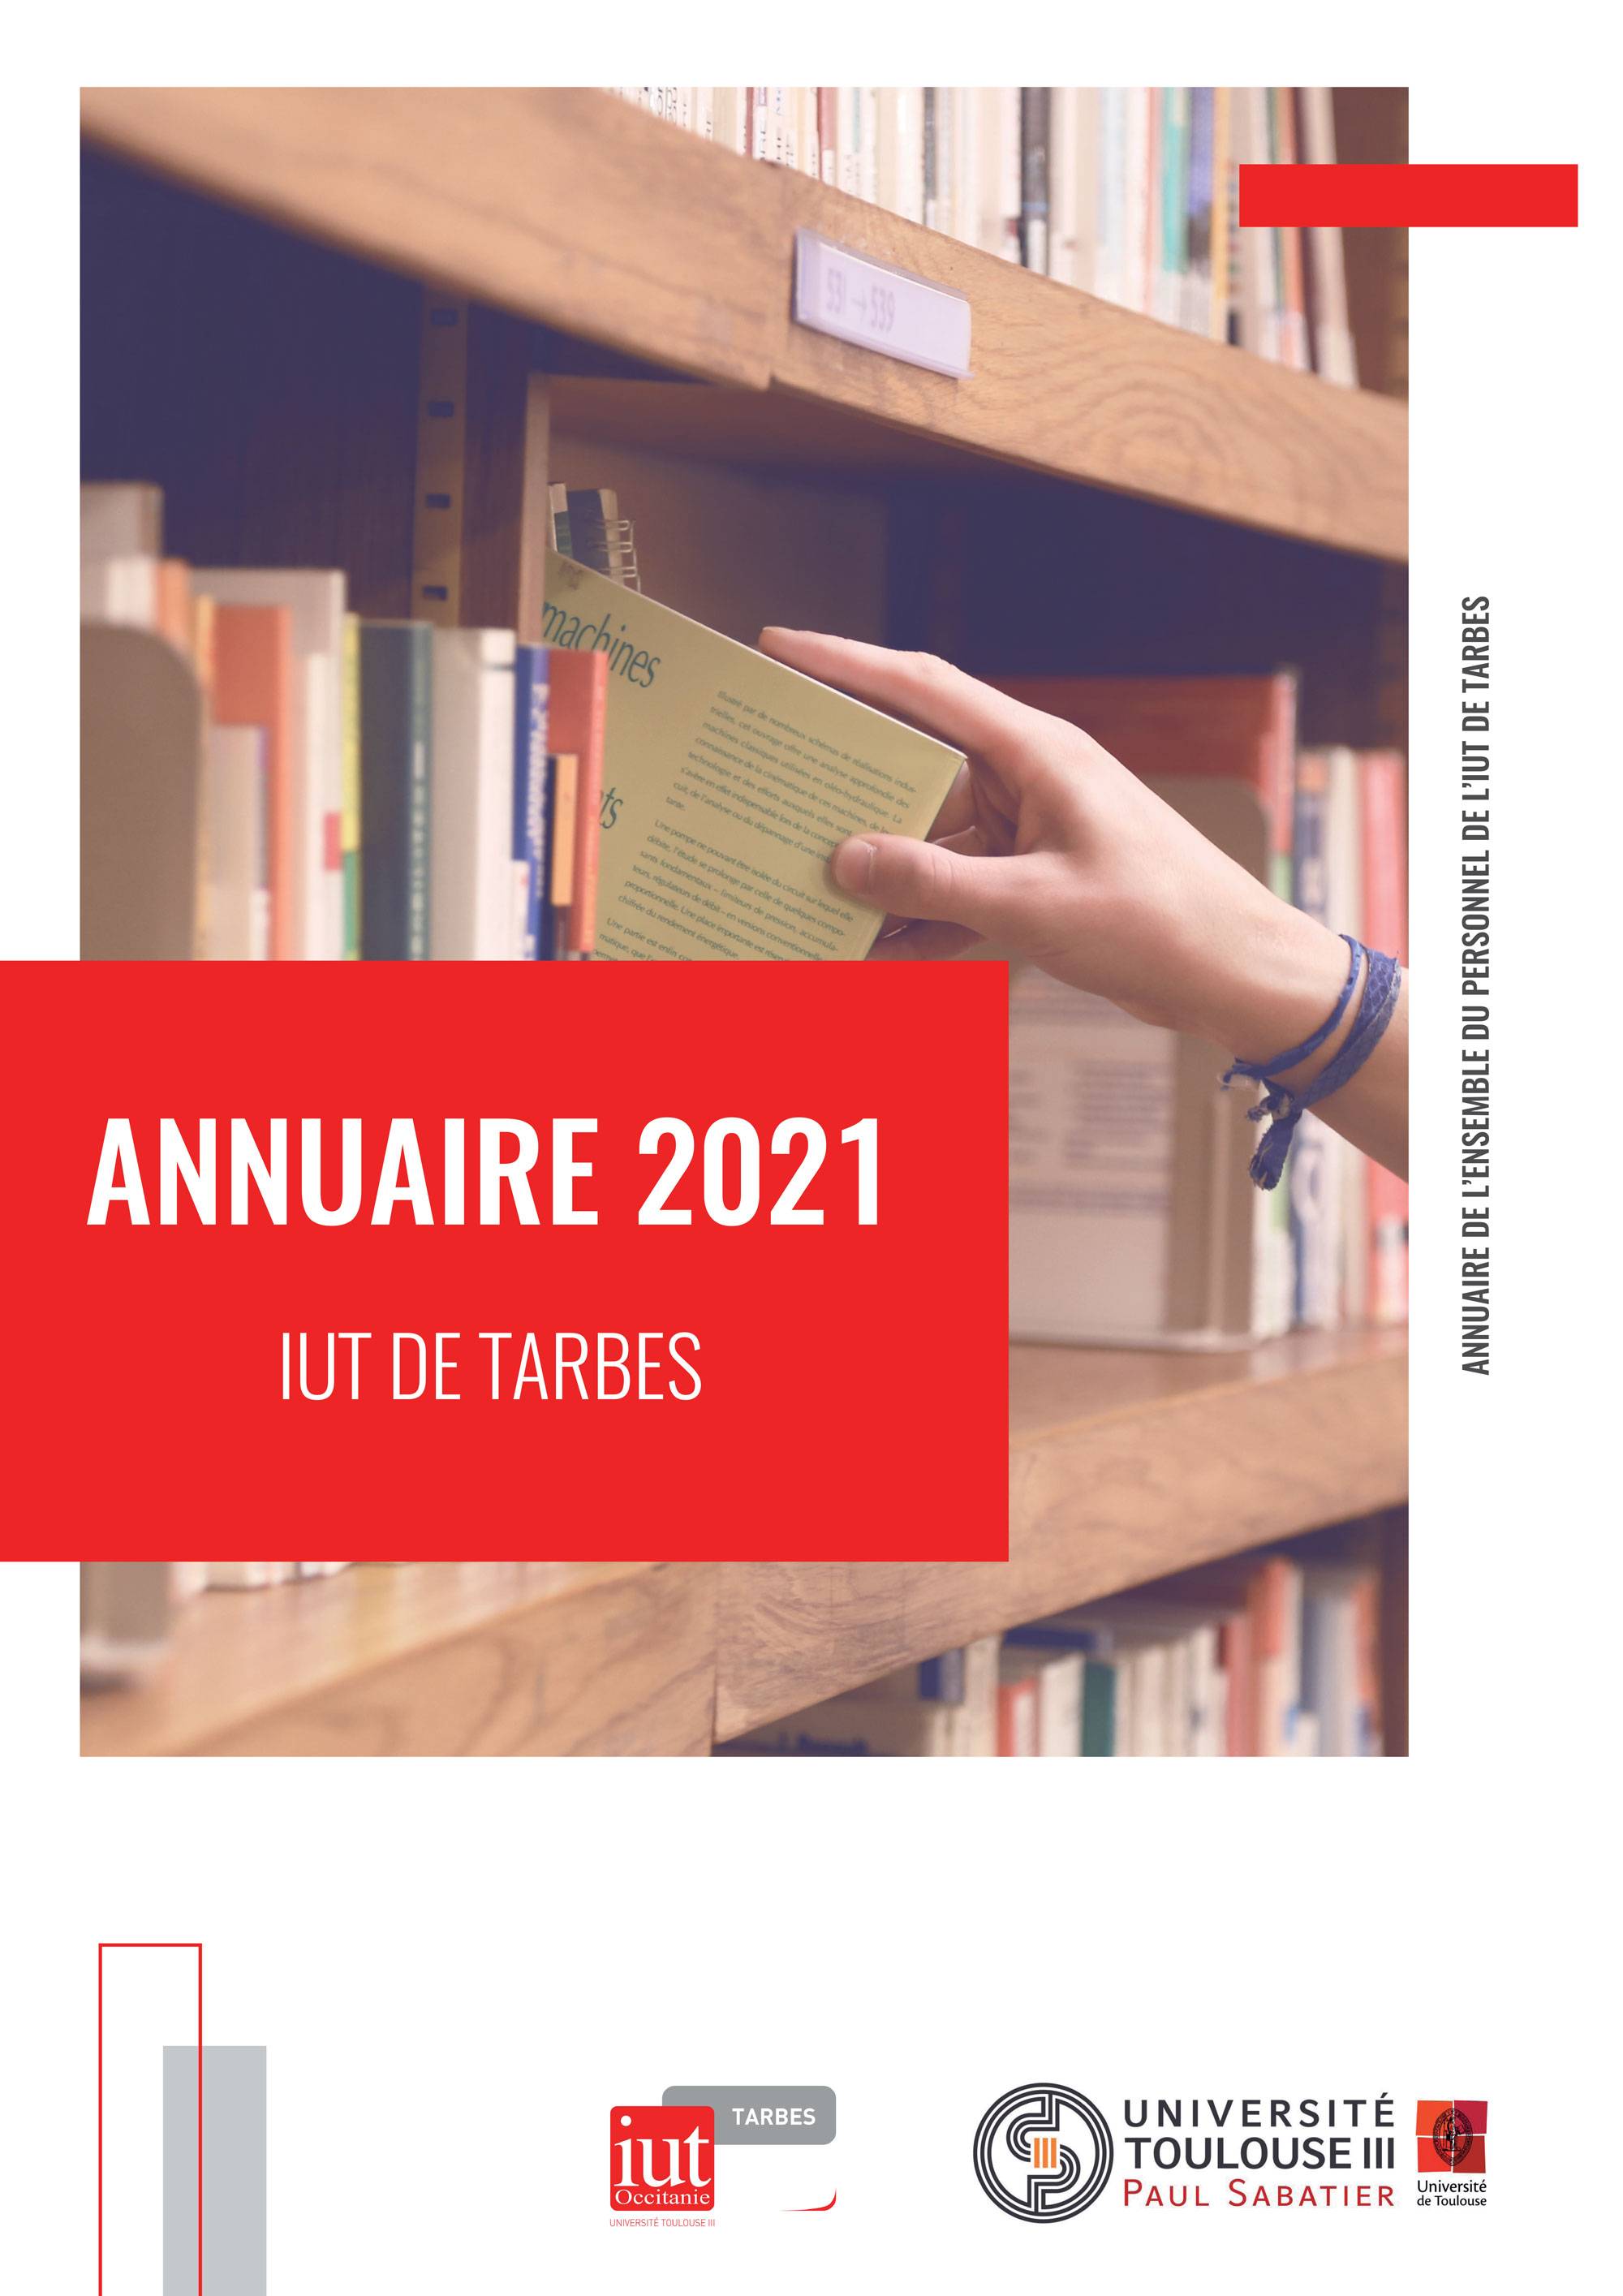 annuaire IUT de TARBES